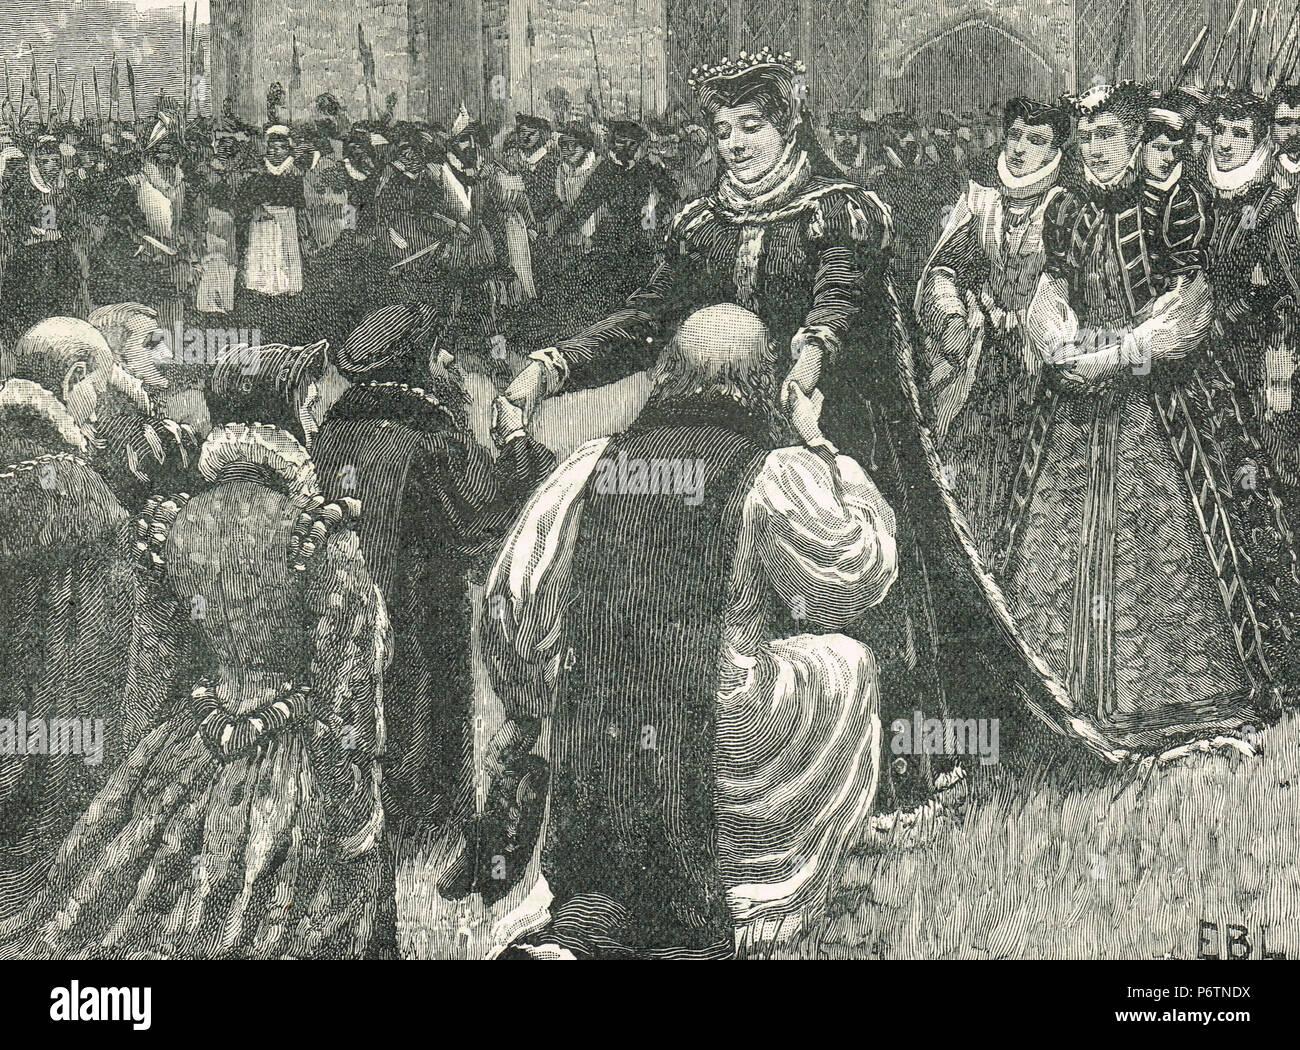 La reina María I, liberando el estado presos desde la Torre de Londres, Inglaterra, 1553. La liberación de la Iglesia Católica Romana duque de Norfolk, Edward Courtenay y Stephen Gardiner desde la prisión, tras el complot para poner Juana Grey en el trono Imagen De Stock